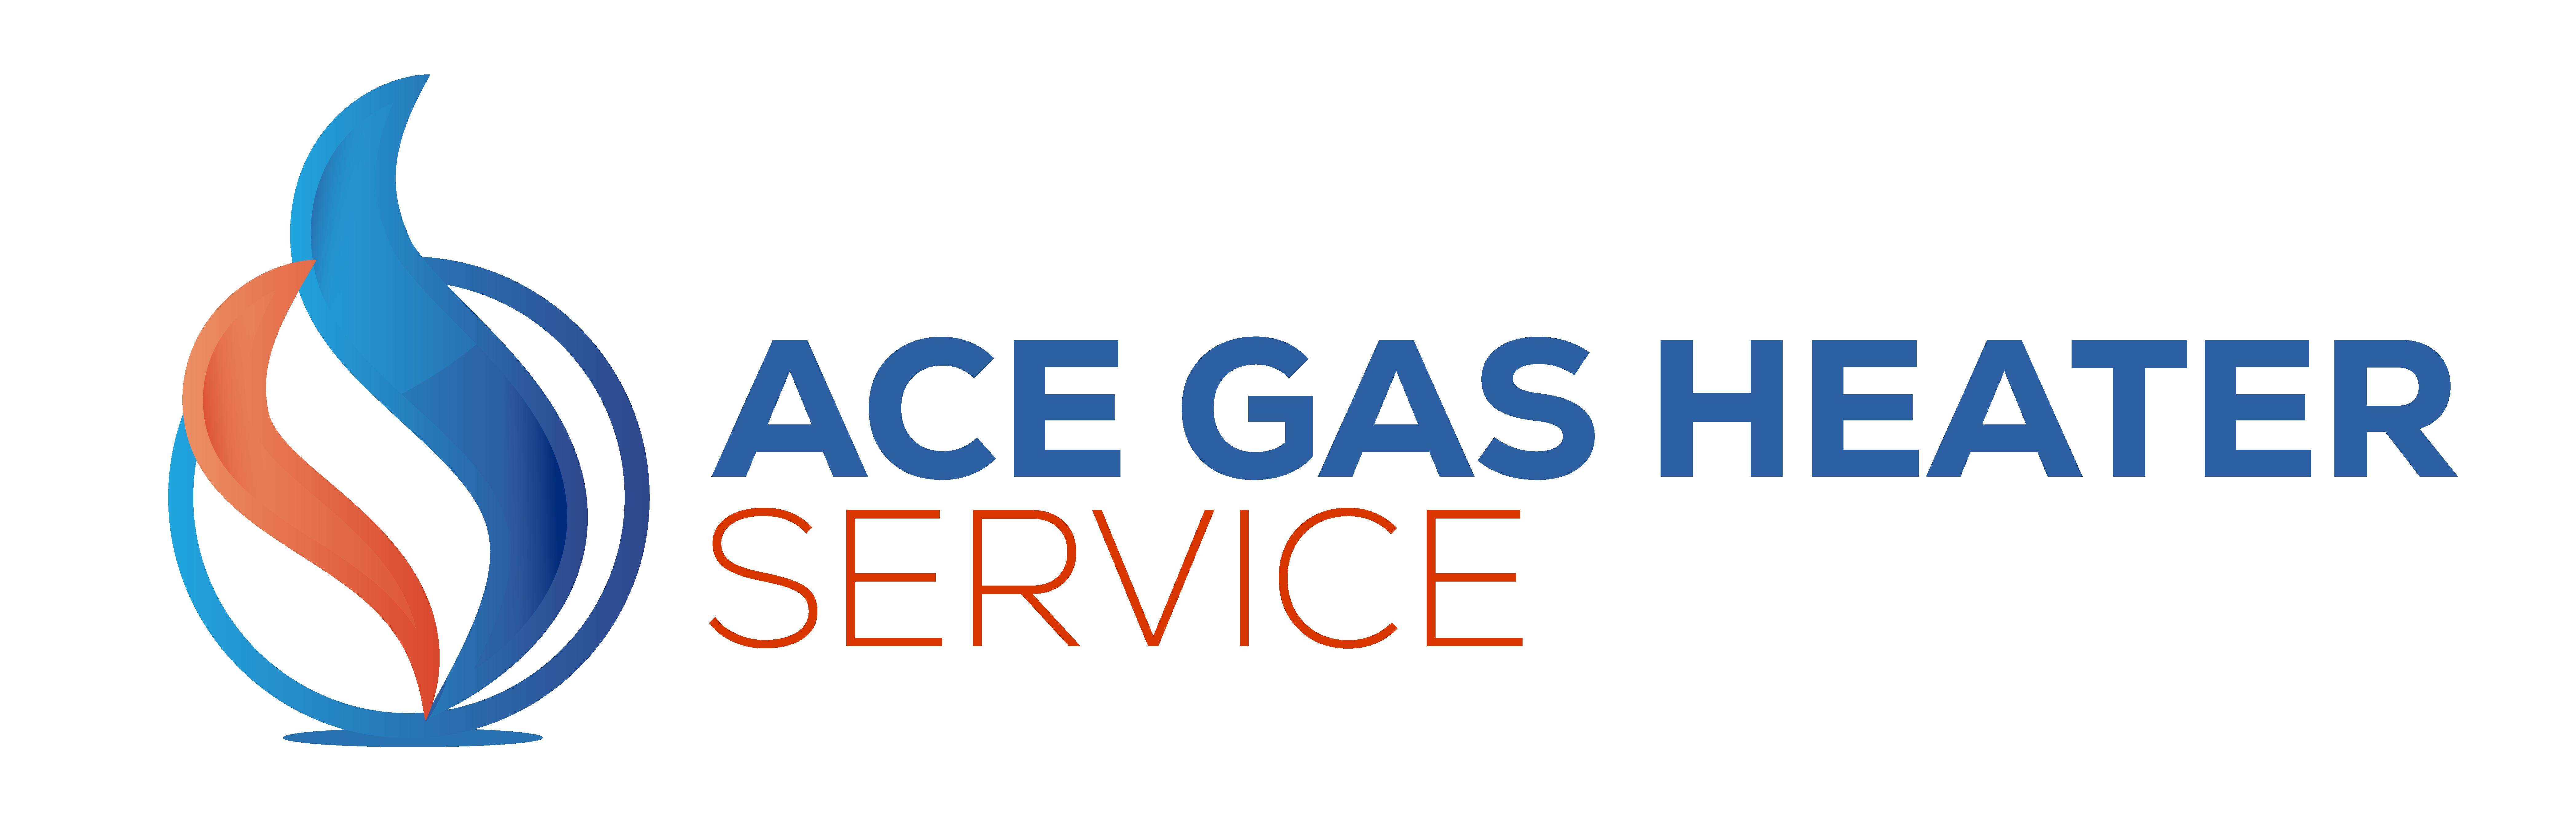 Ace Gas Heater Service